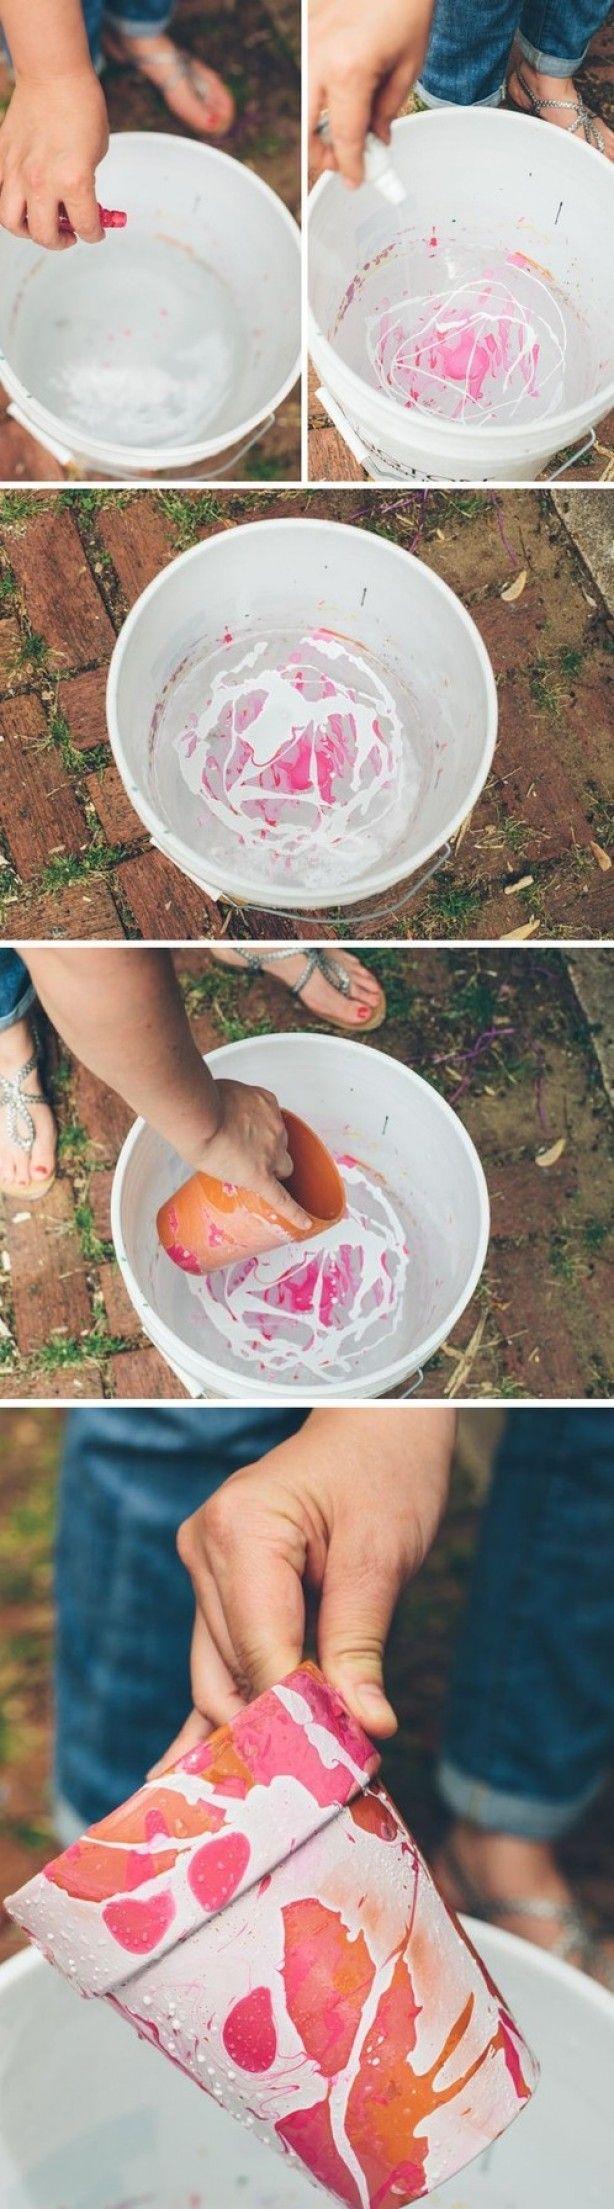 simple nailpolish in cold water gooi nagelak in water en hopa dan krijg je dit effect